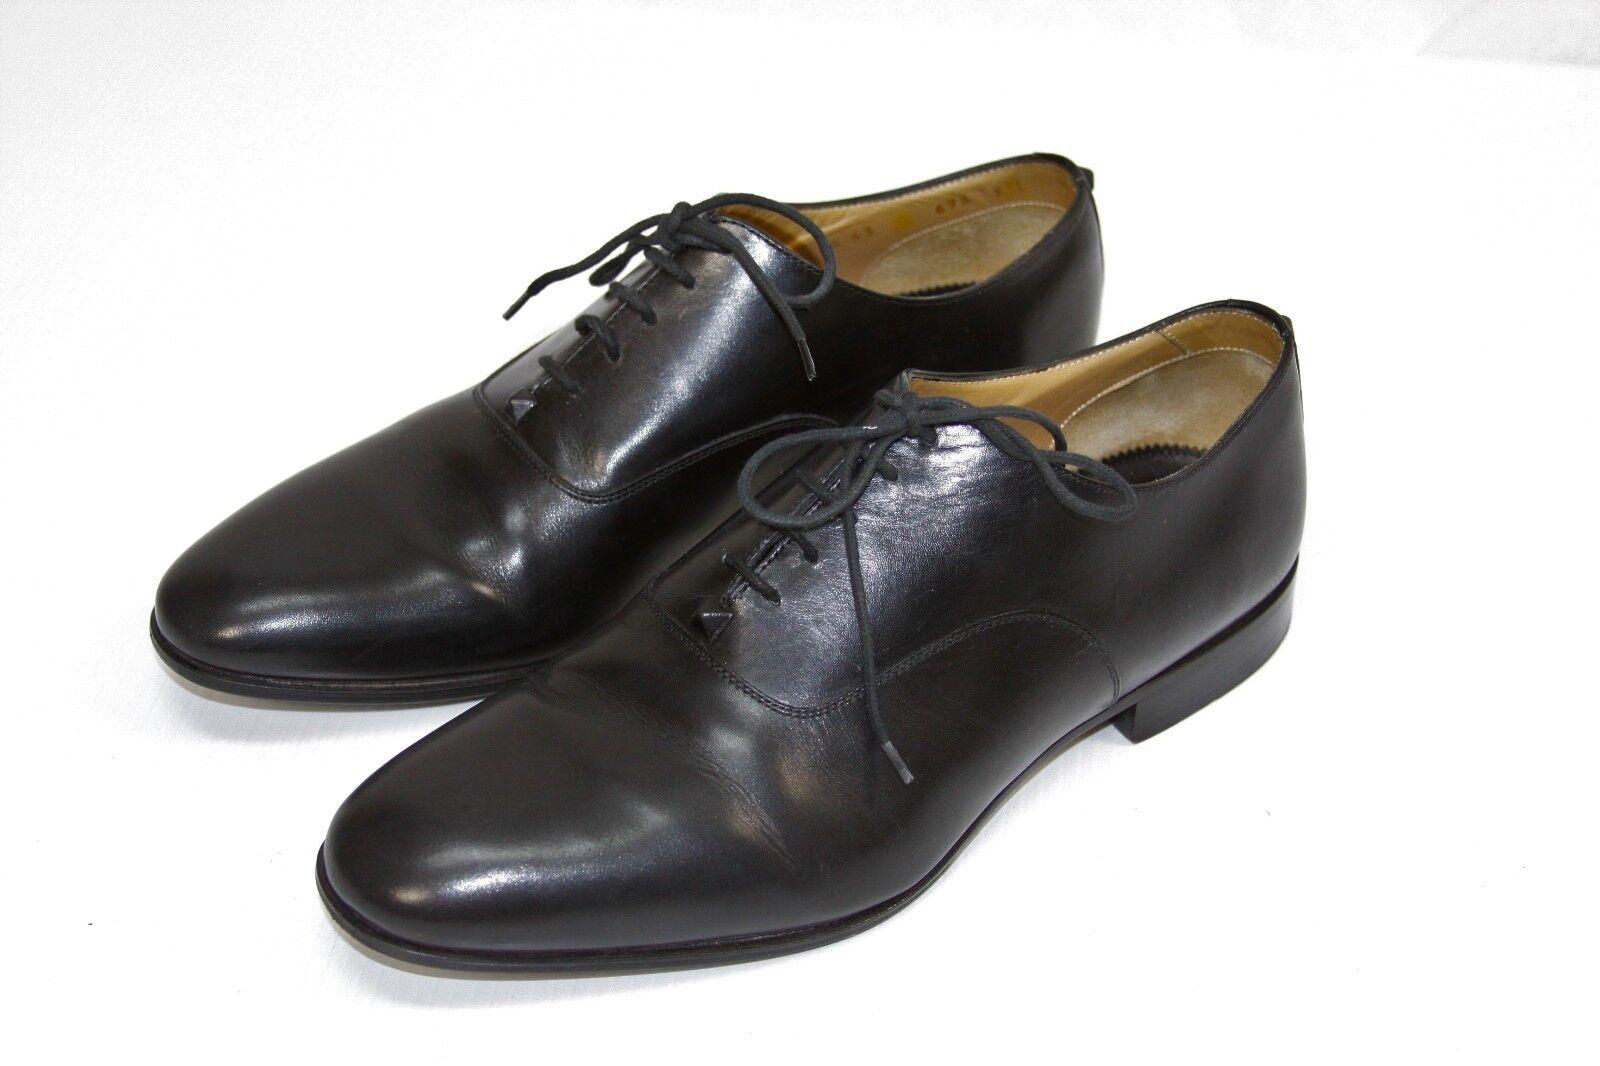 Authenti Valentino GARAVANI HOMBRES Vestido De Cuero Negro Zapatos EE. UU. 10 Hecho en Italia